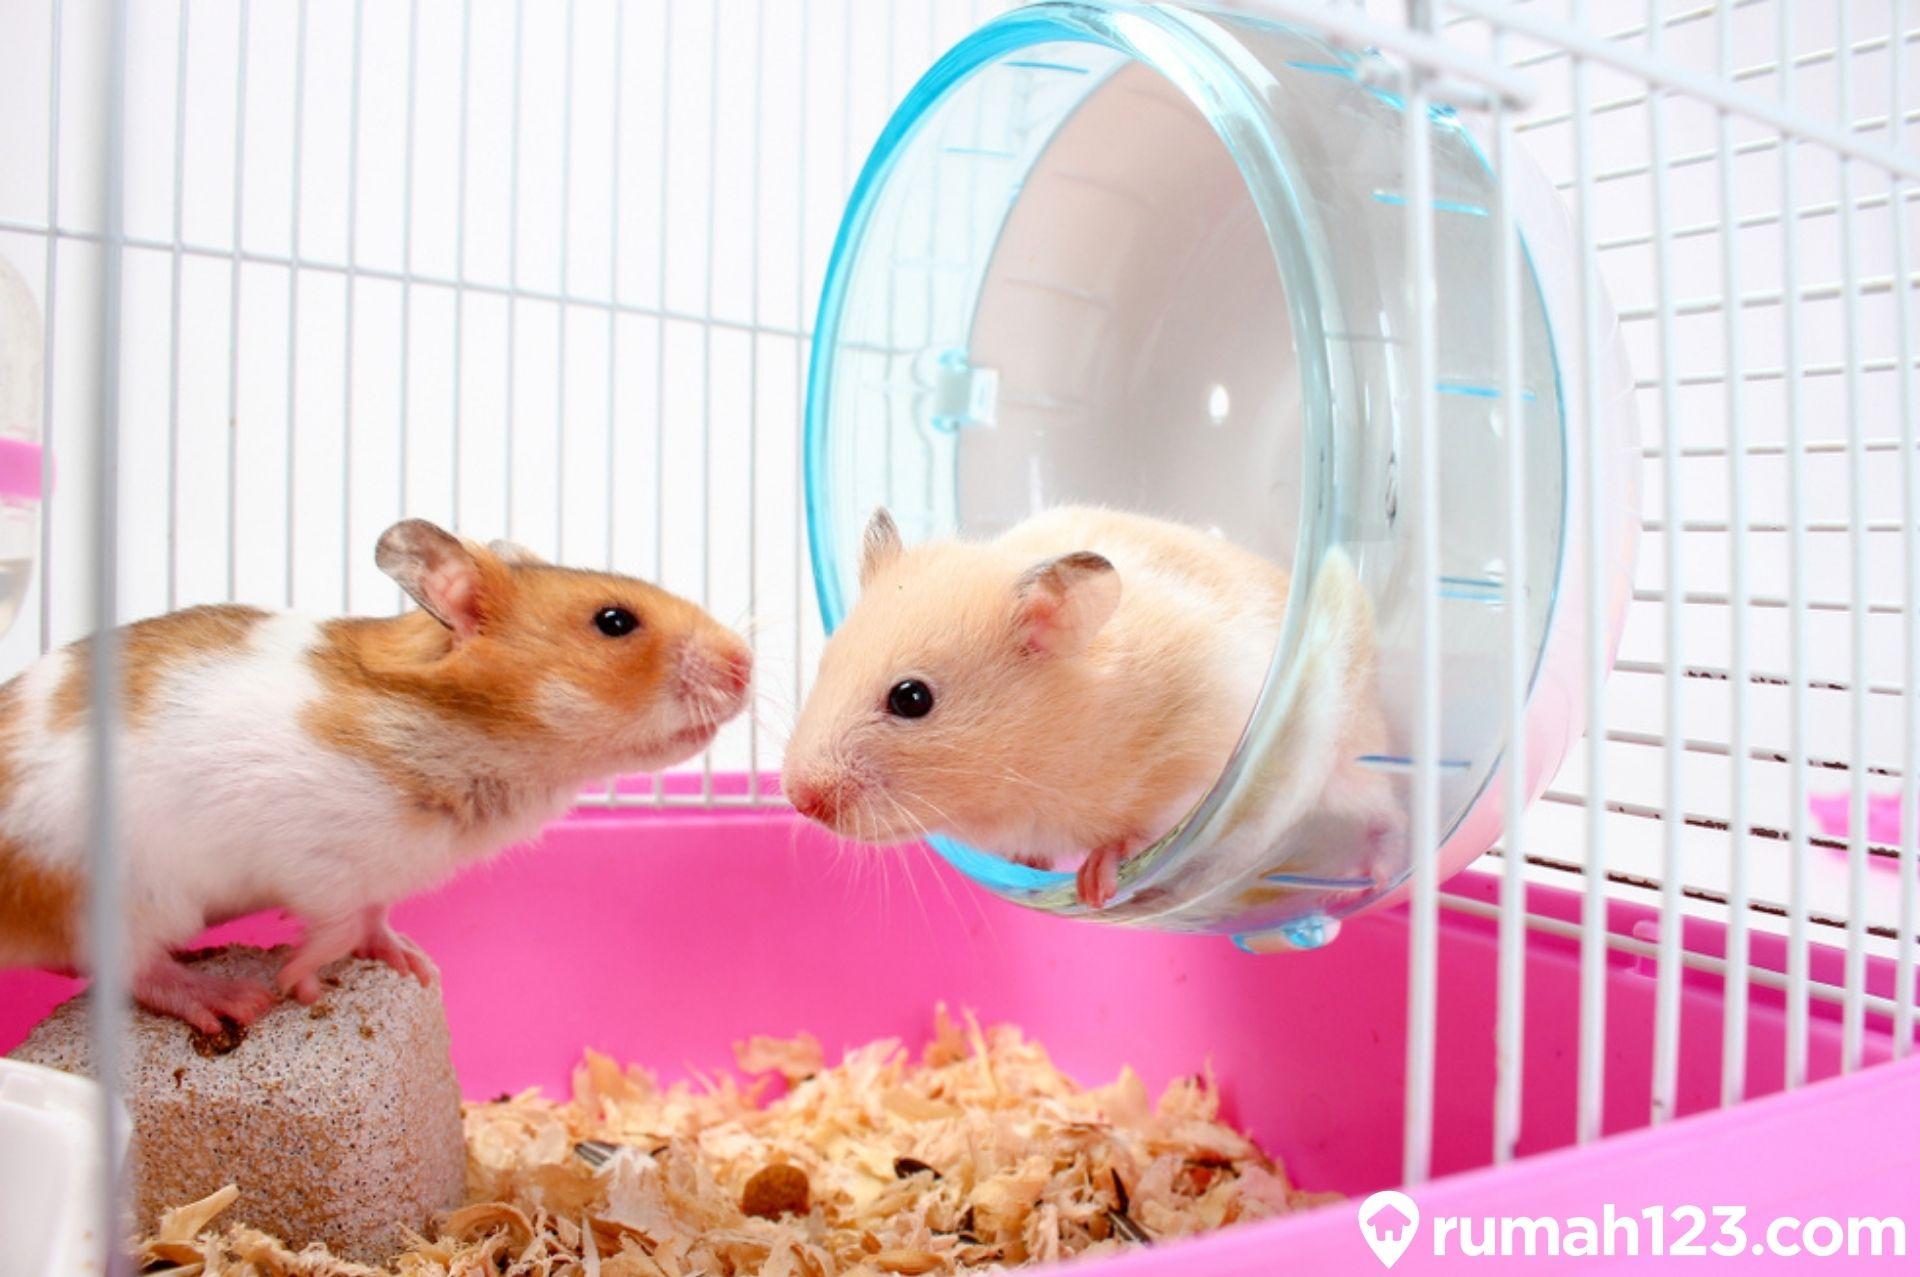 8 Rekomendasi Pilihan Kandang Hamster Terbaik di Rumah yang Bisa Kamu Beli  | Rumah123.com